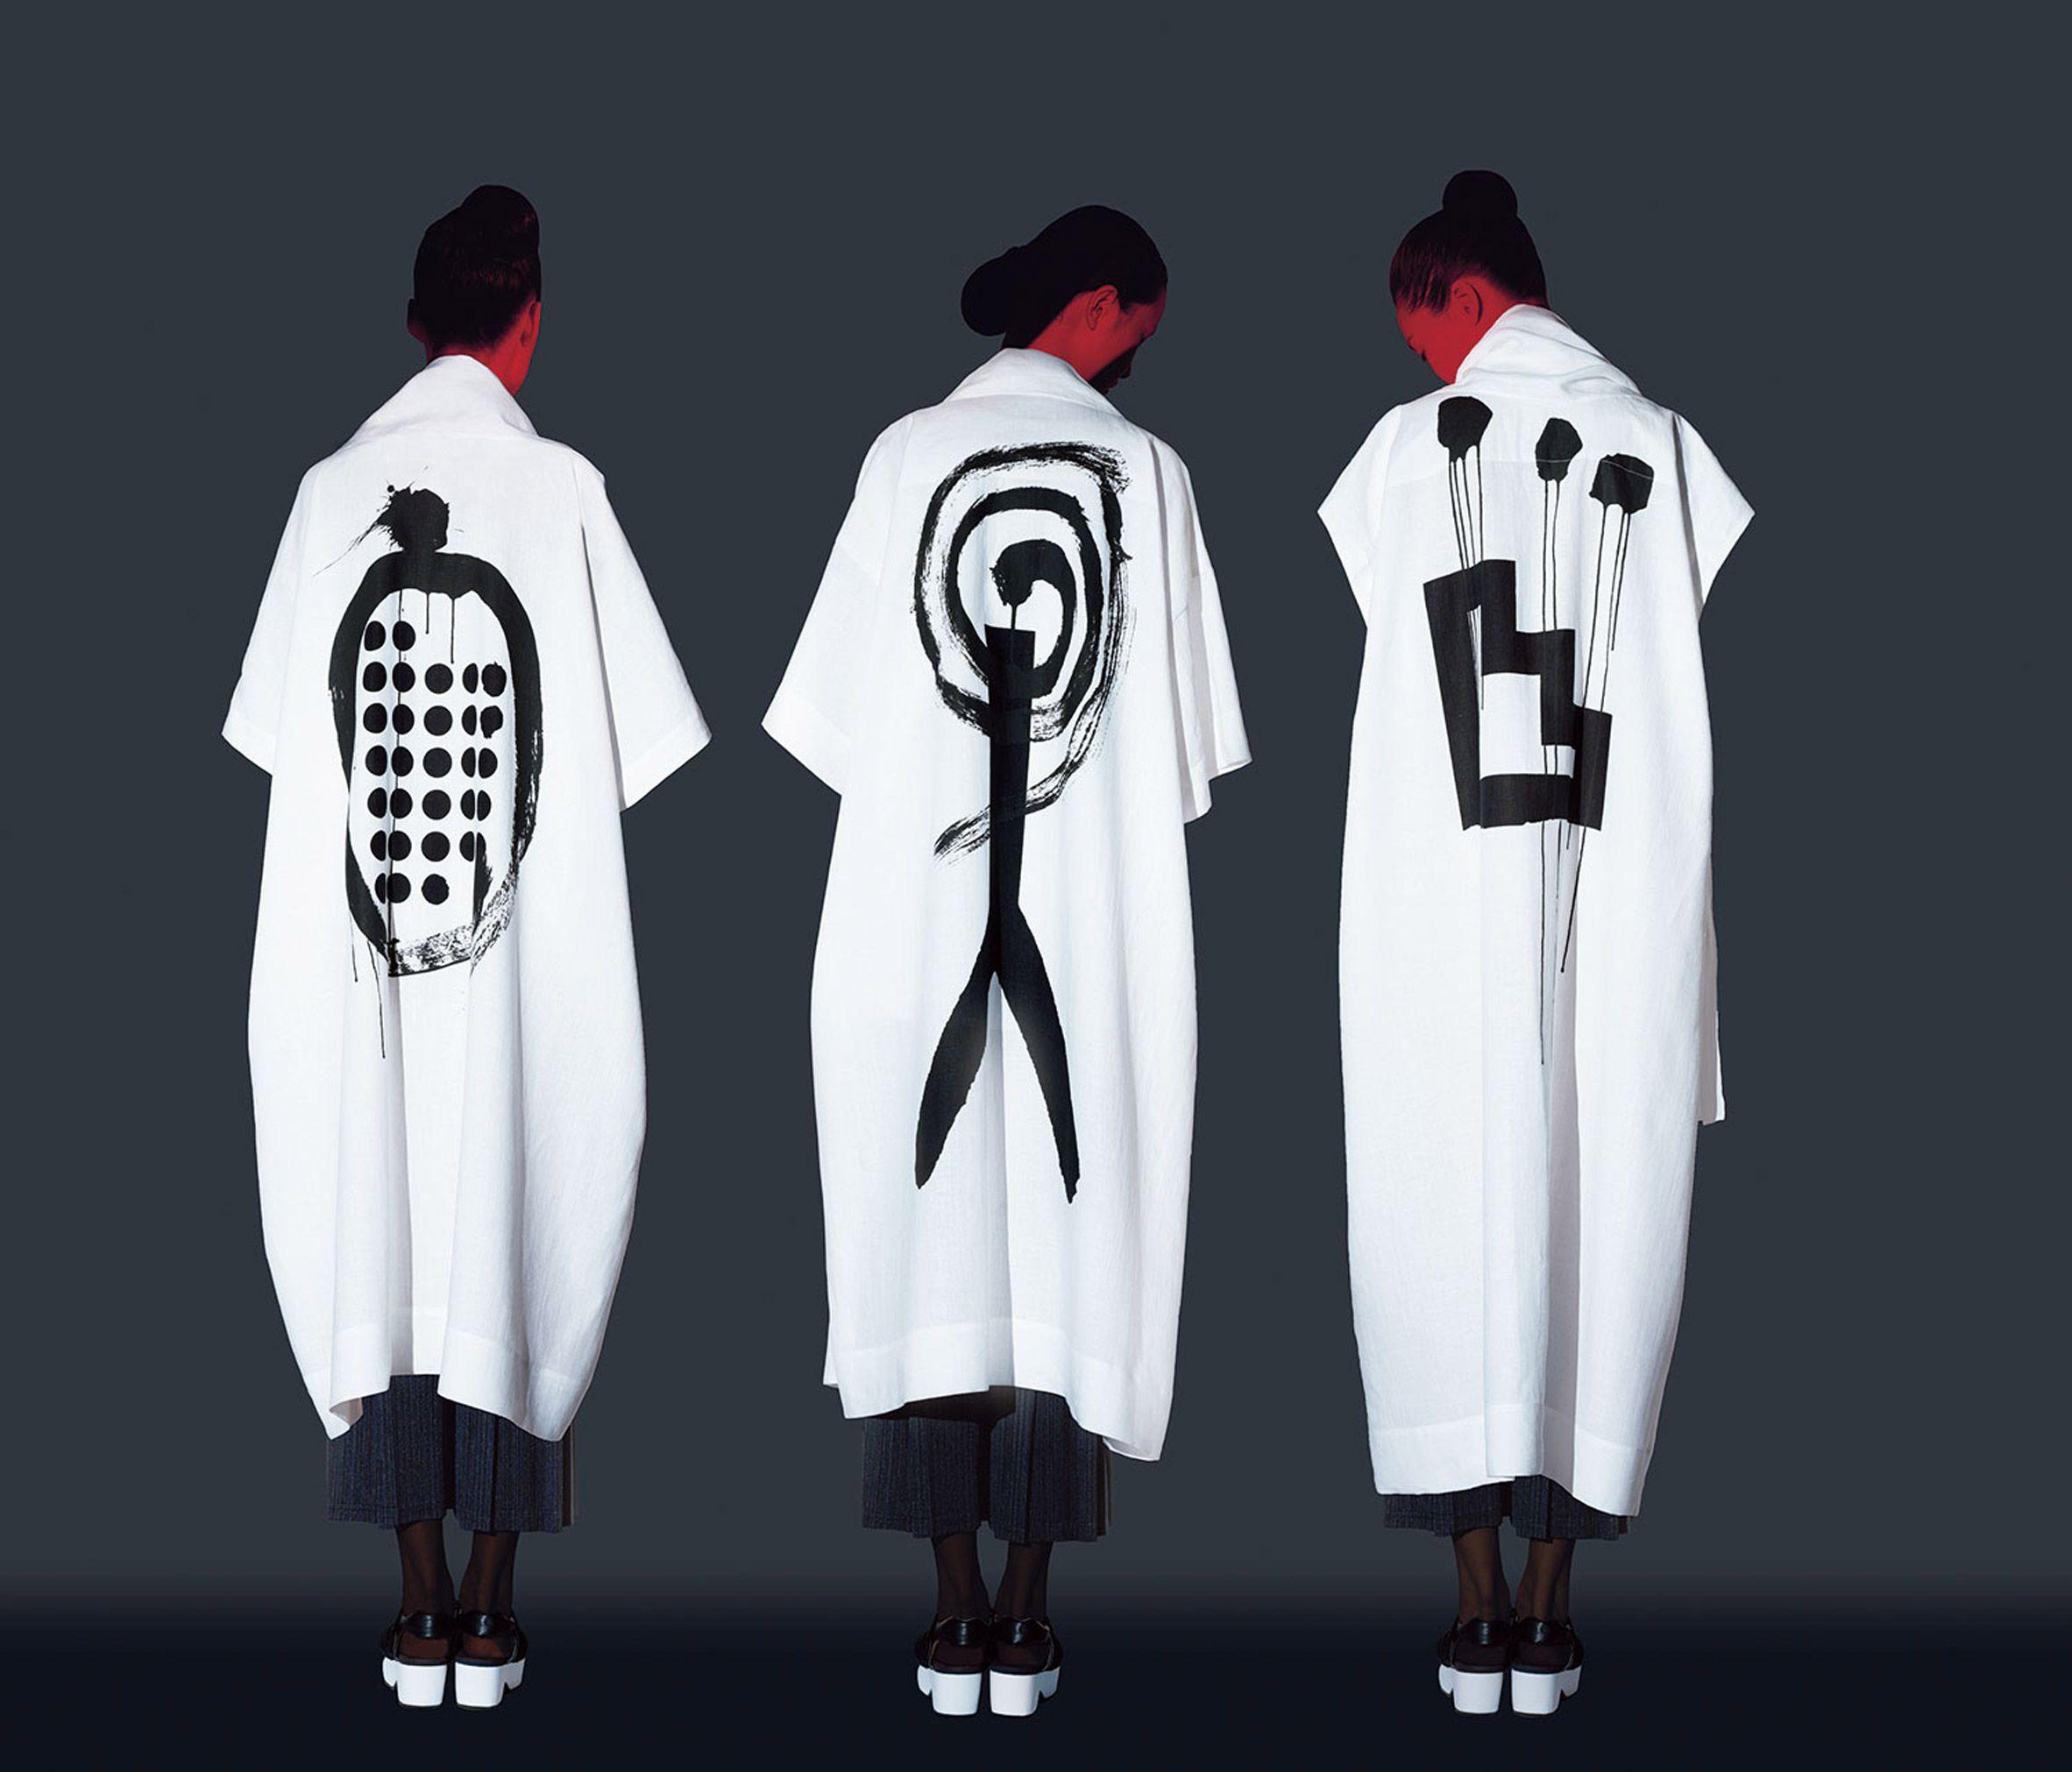 Ikko Tanaka Issey Myake collection 2